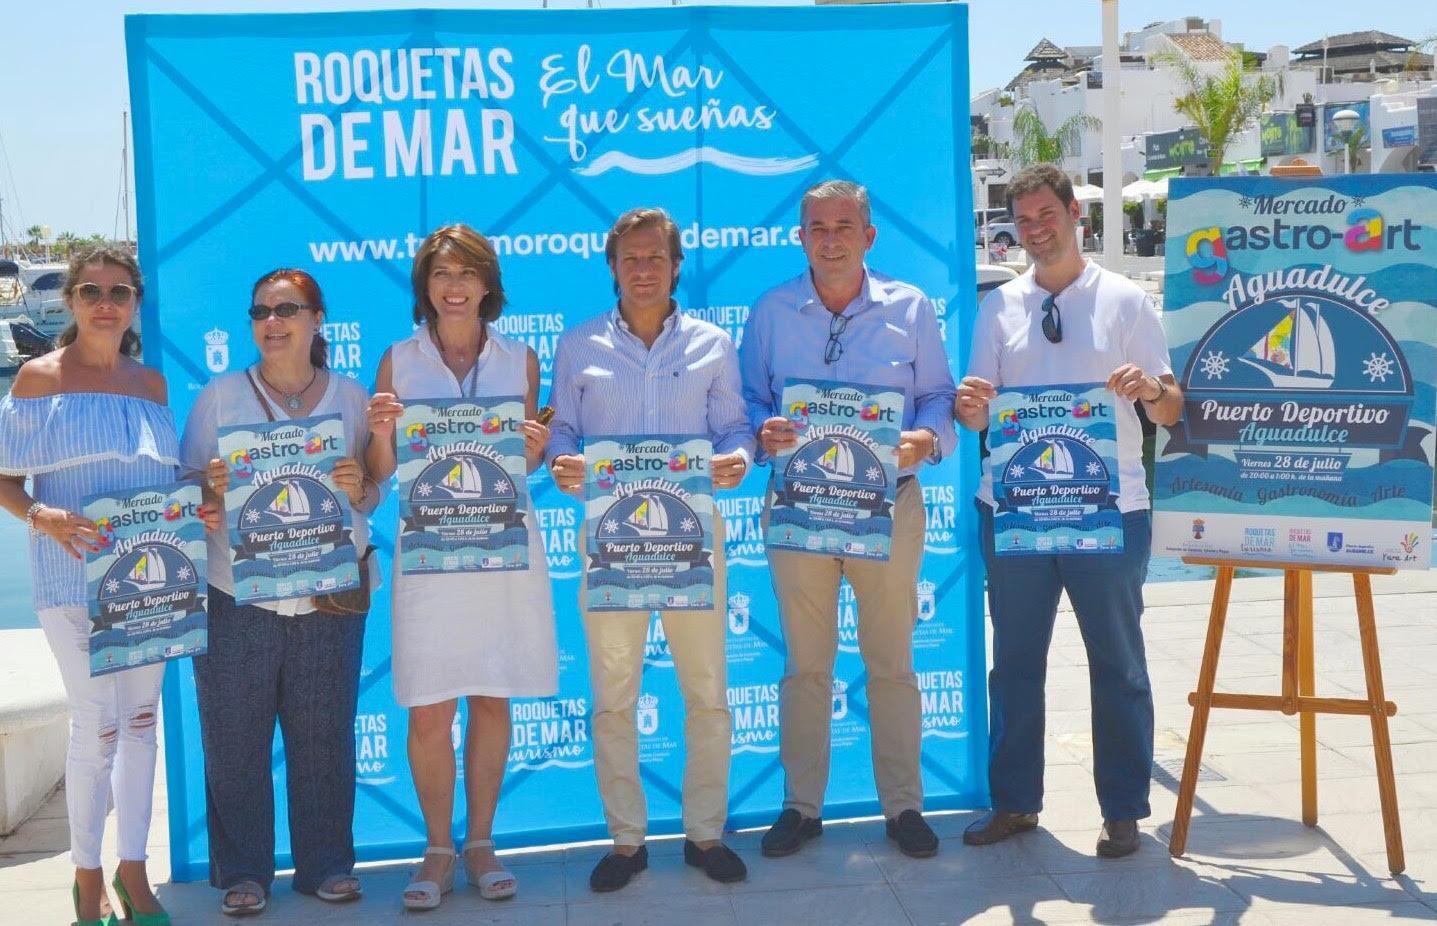 II Encuentro de creadores en el Puerto deportivo de Aguadulce